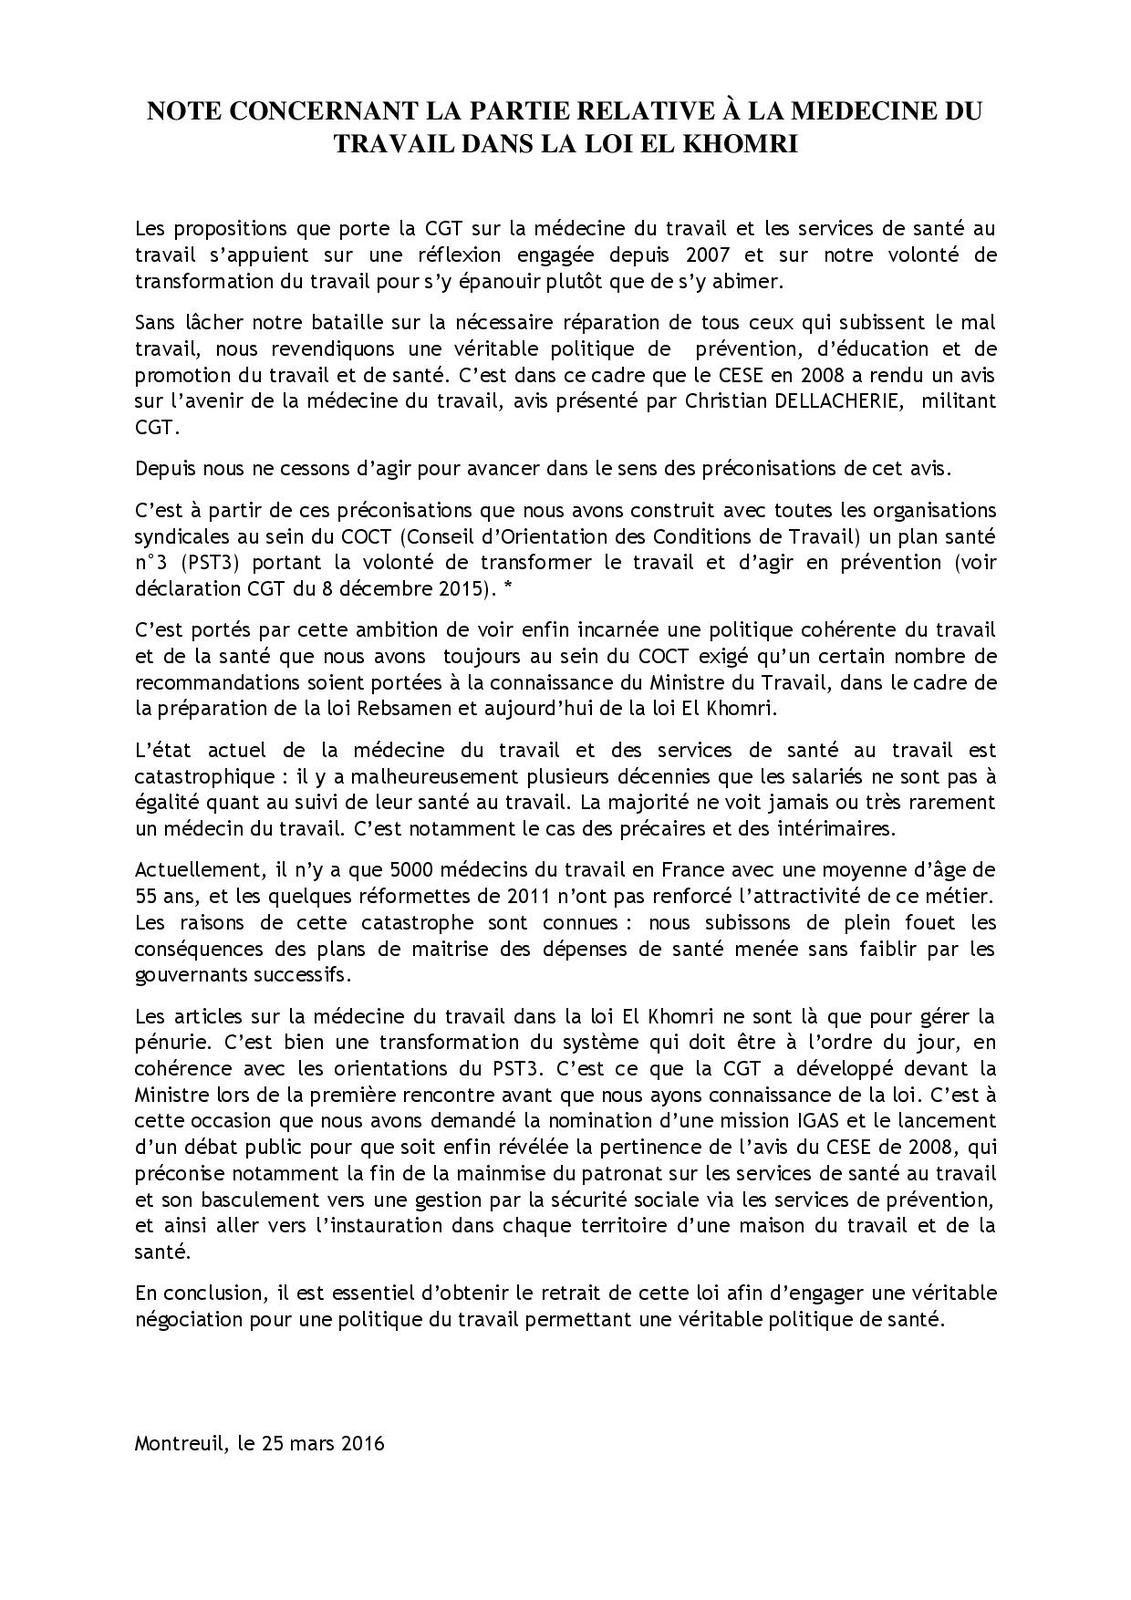 NOTE CONCERNANT LA PARTIE RELATIVE À LA MEDECINE DU TRAVAIL DANS LA LOI EL KHOMRI